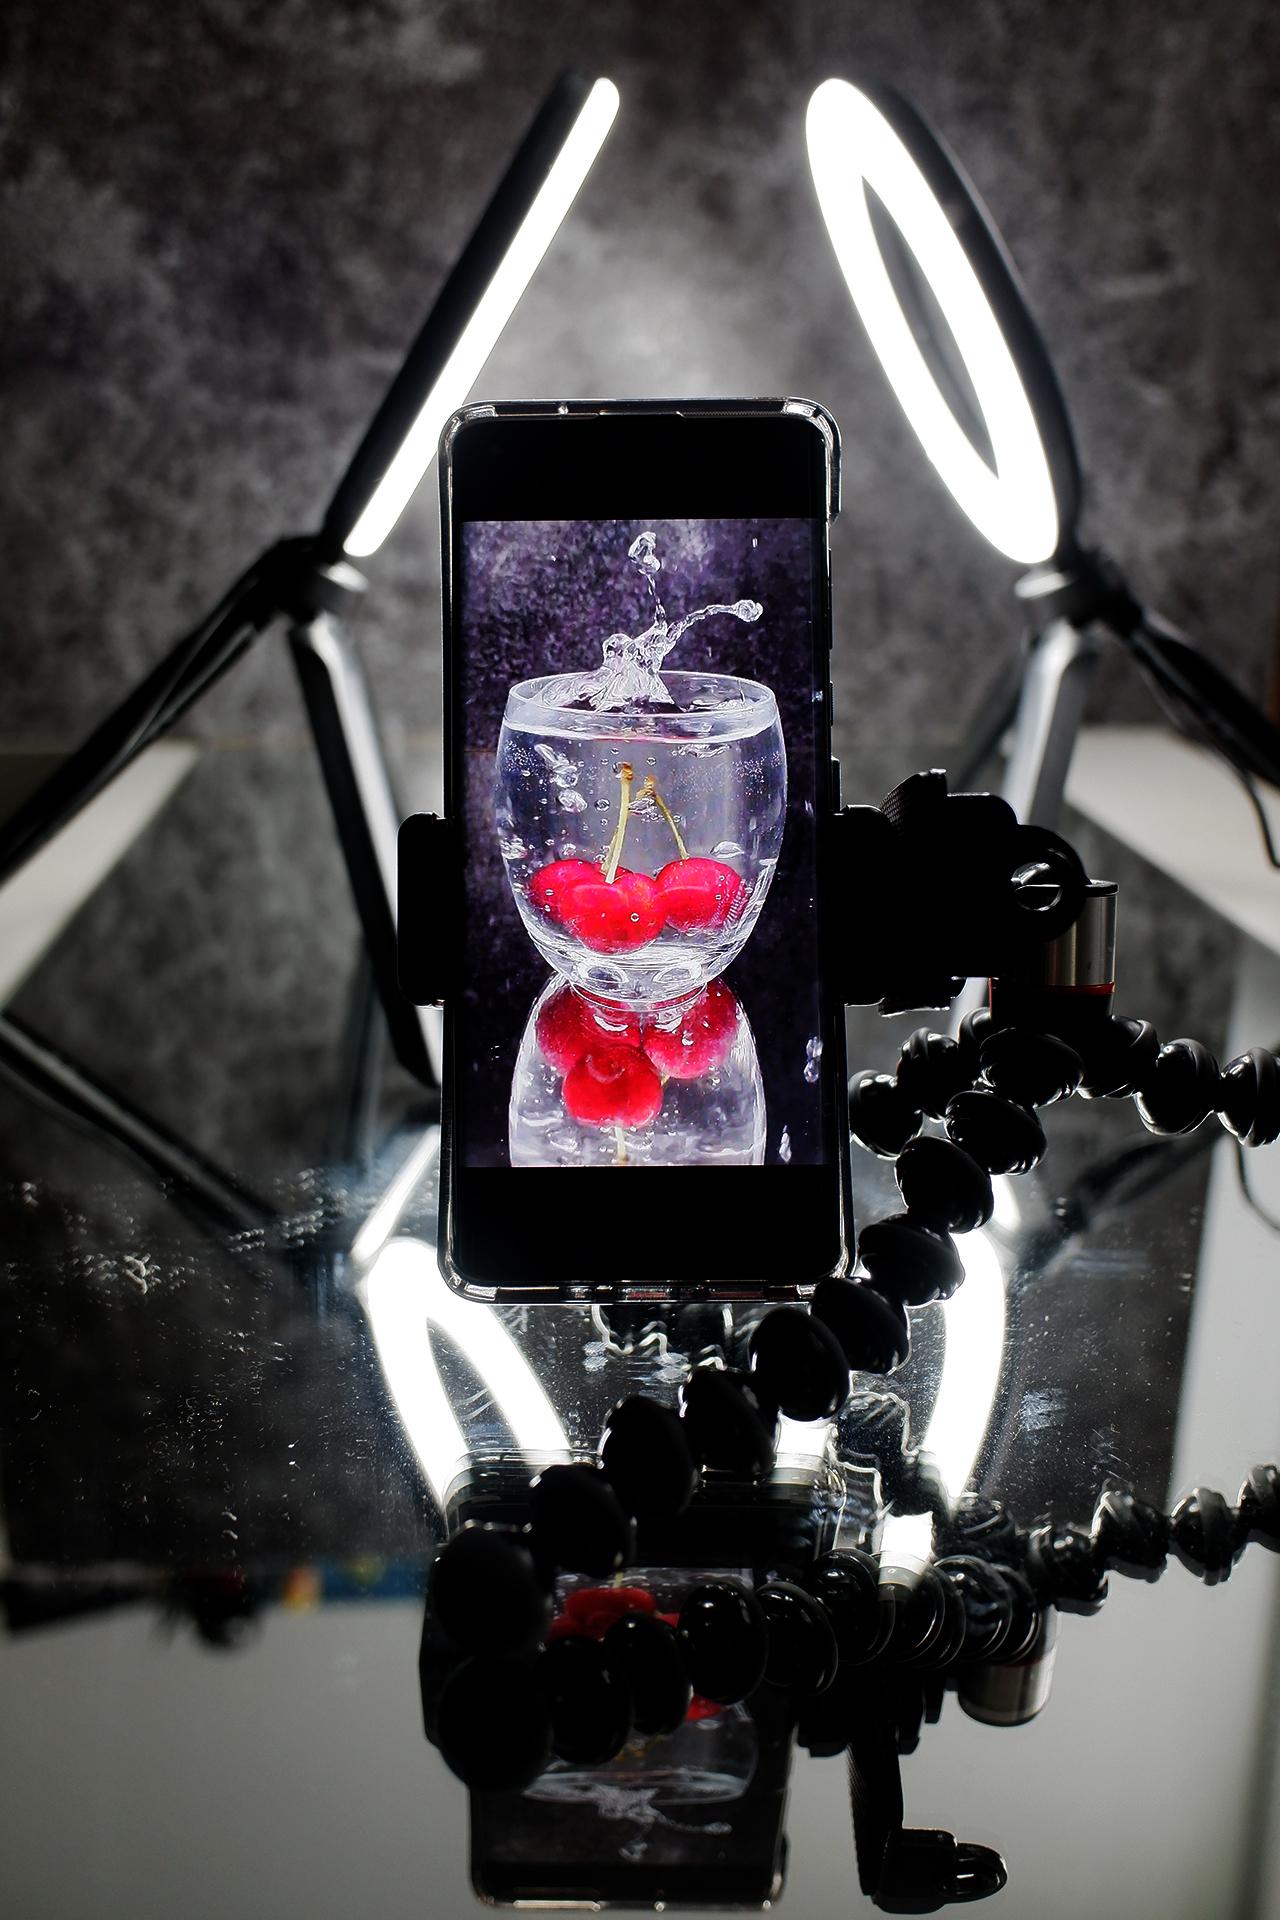 smartfon nastatywie ilampy wtle